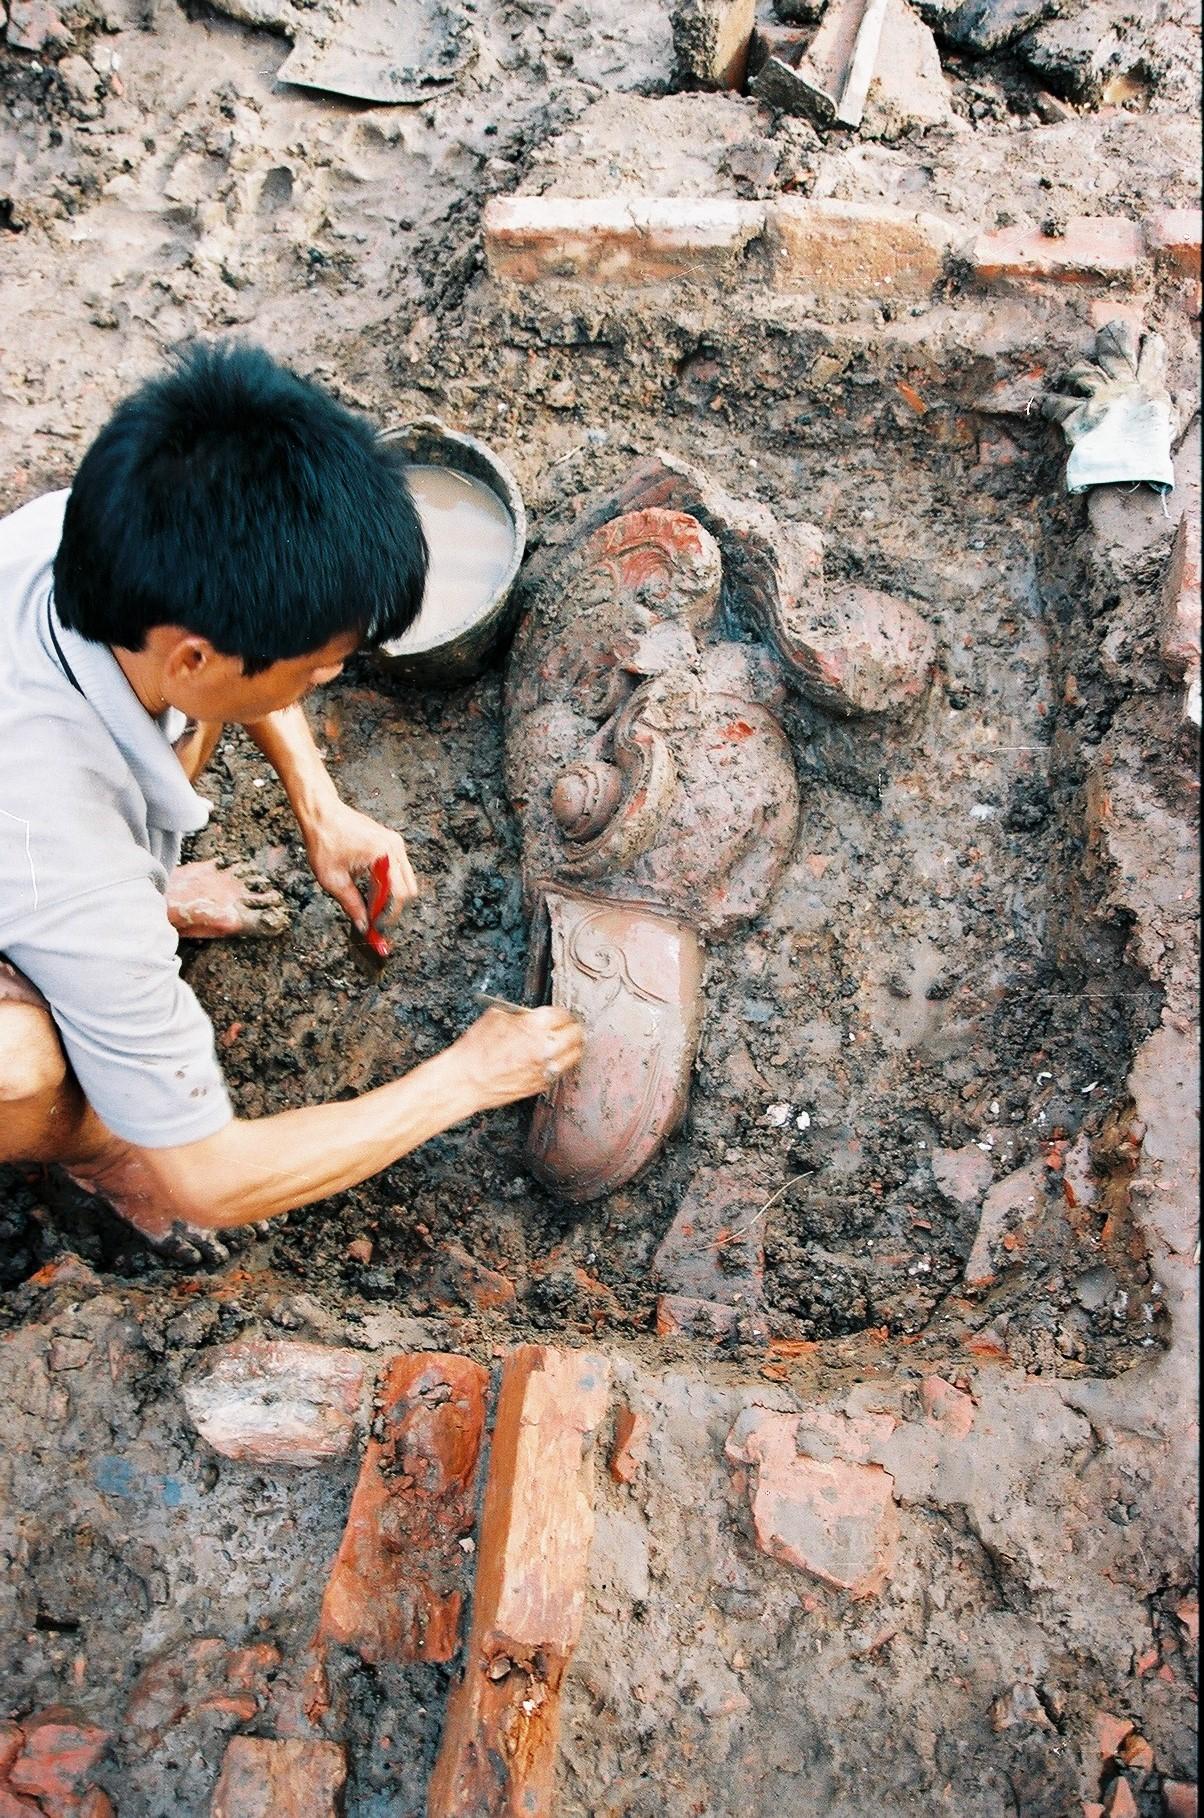 Đầu chim phượng được phát hiện tại vị trí khai quật. Ảnh: Viện Khảo cổ học (2003).